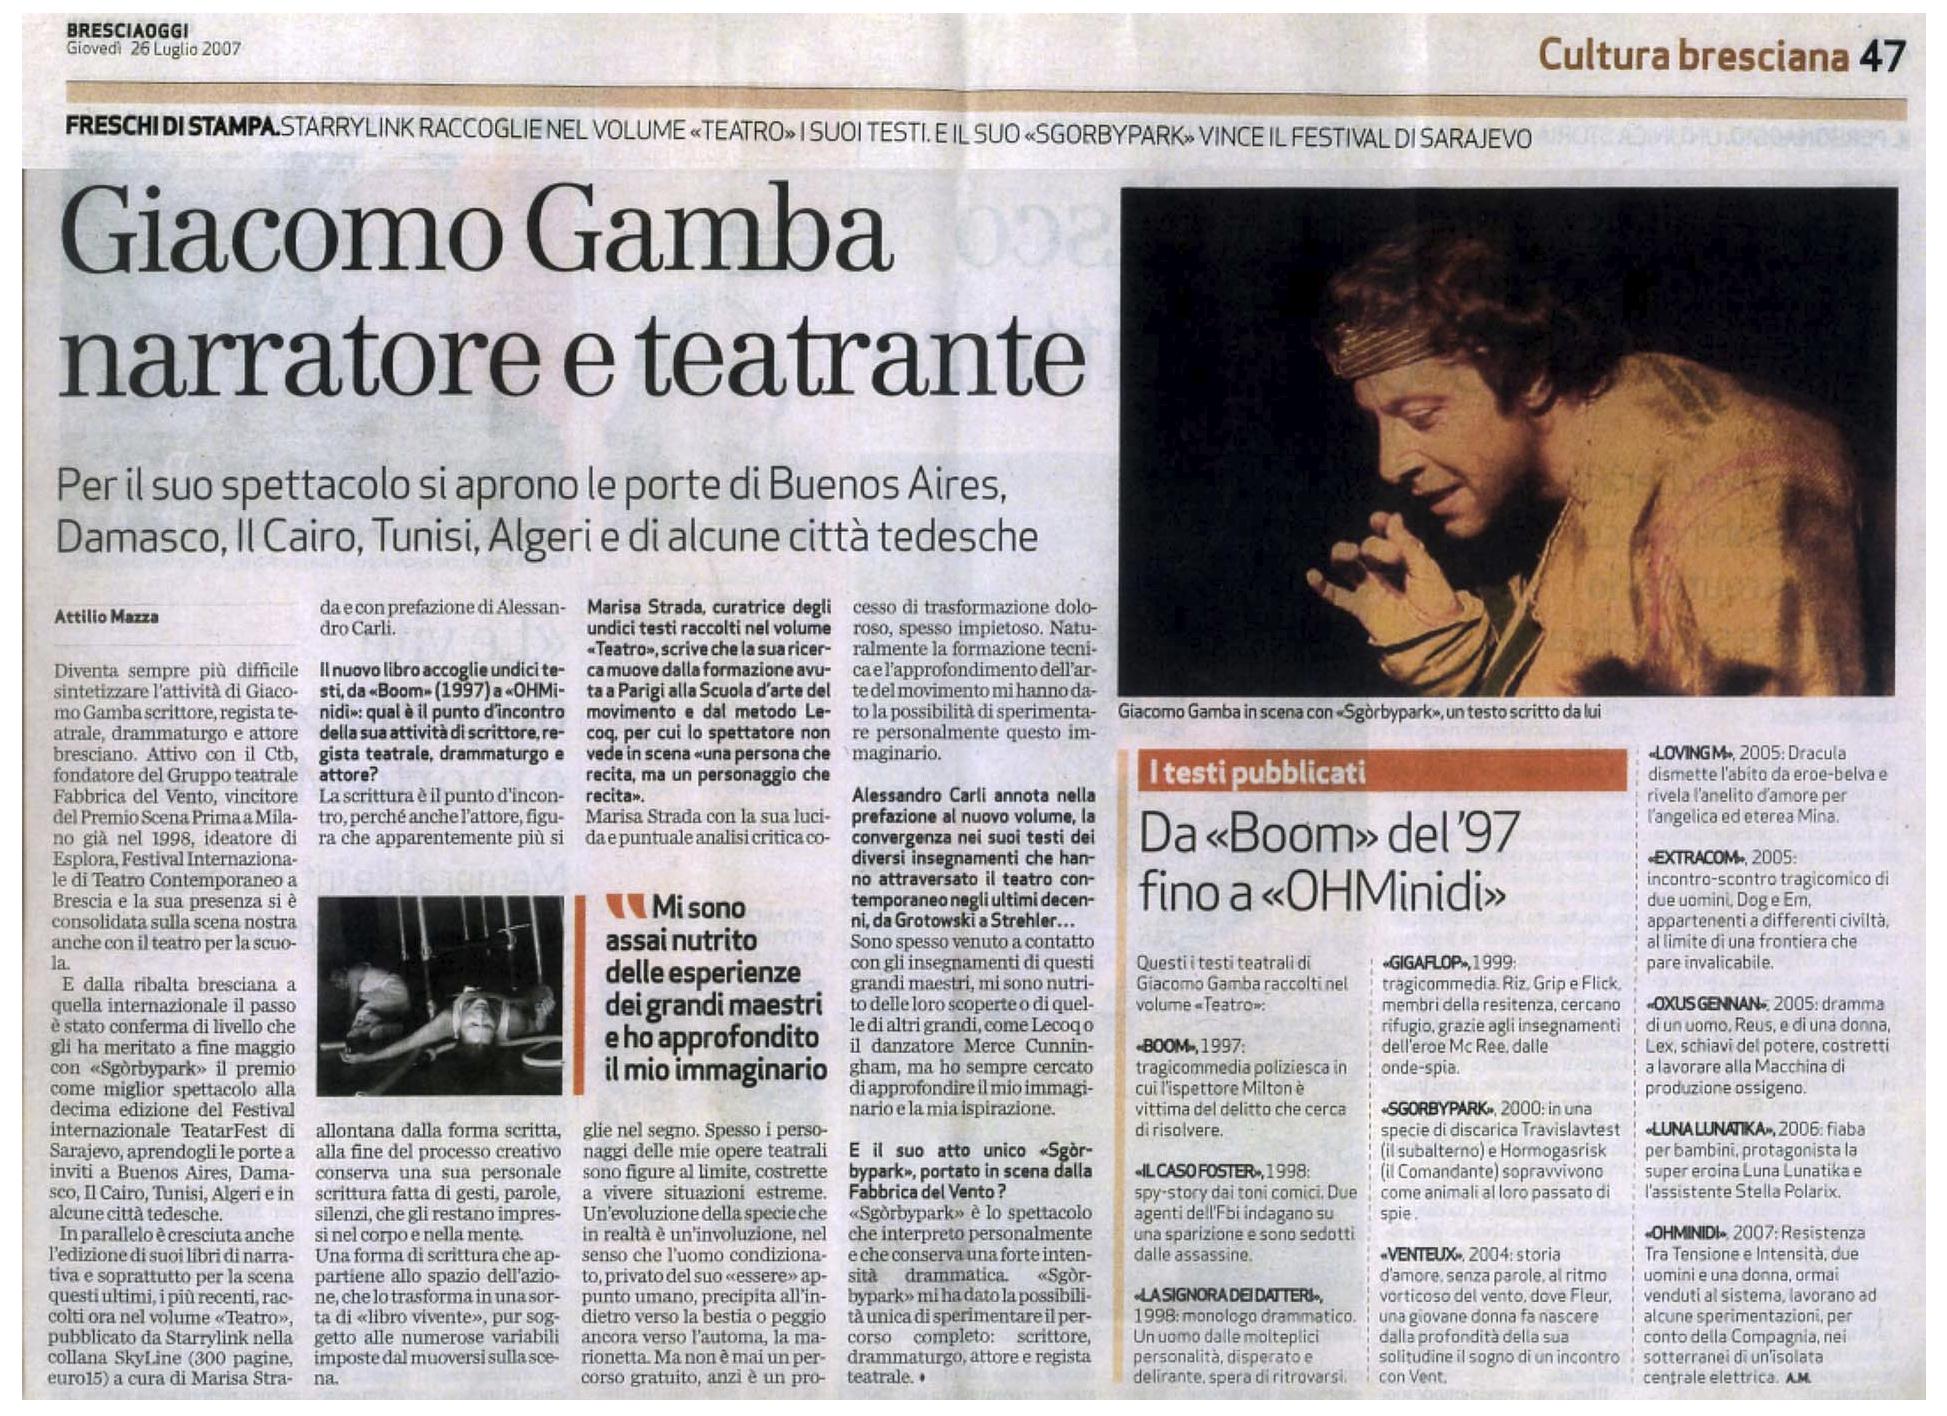 Giacomo Gamba Teatro